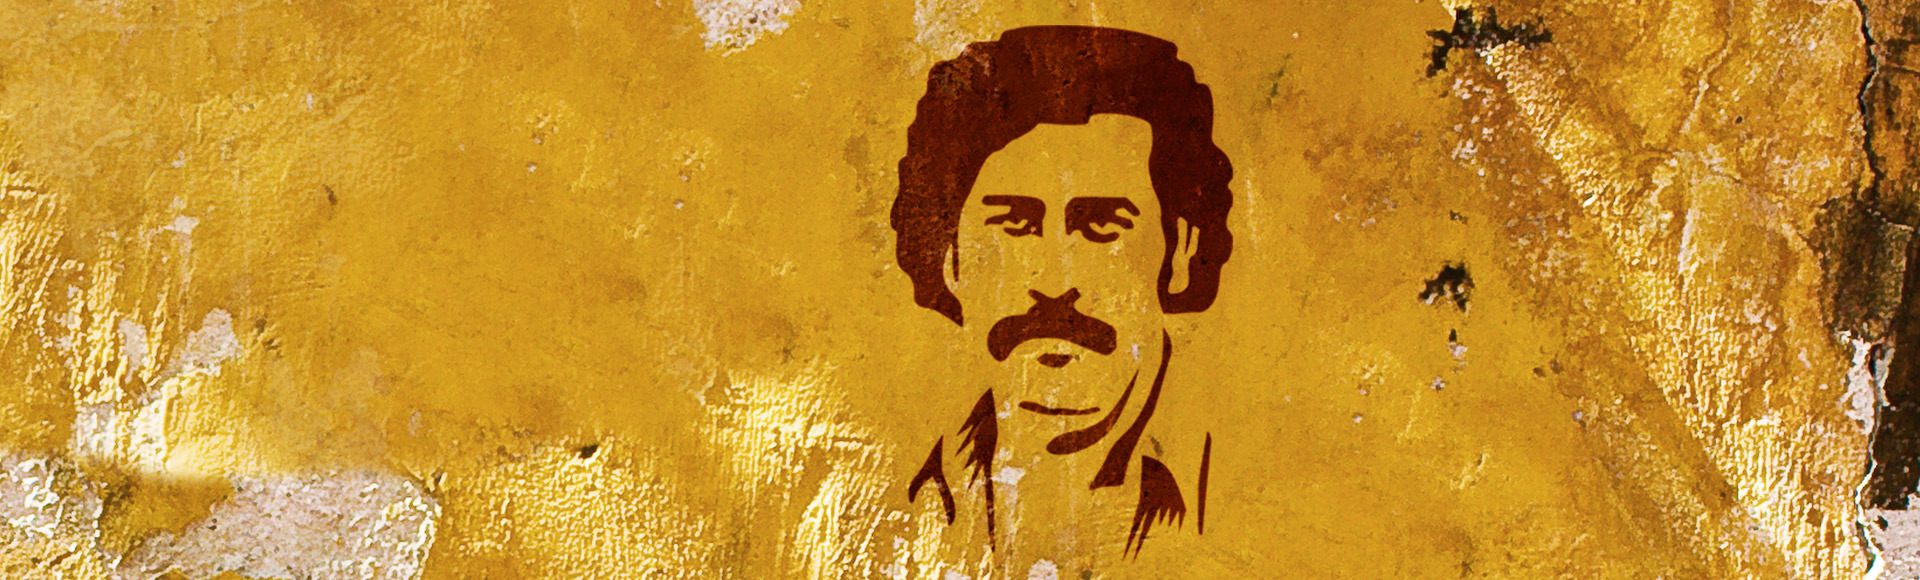 Escobar'ın Kayıp Milyonları